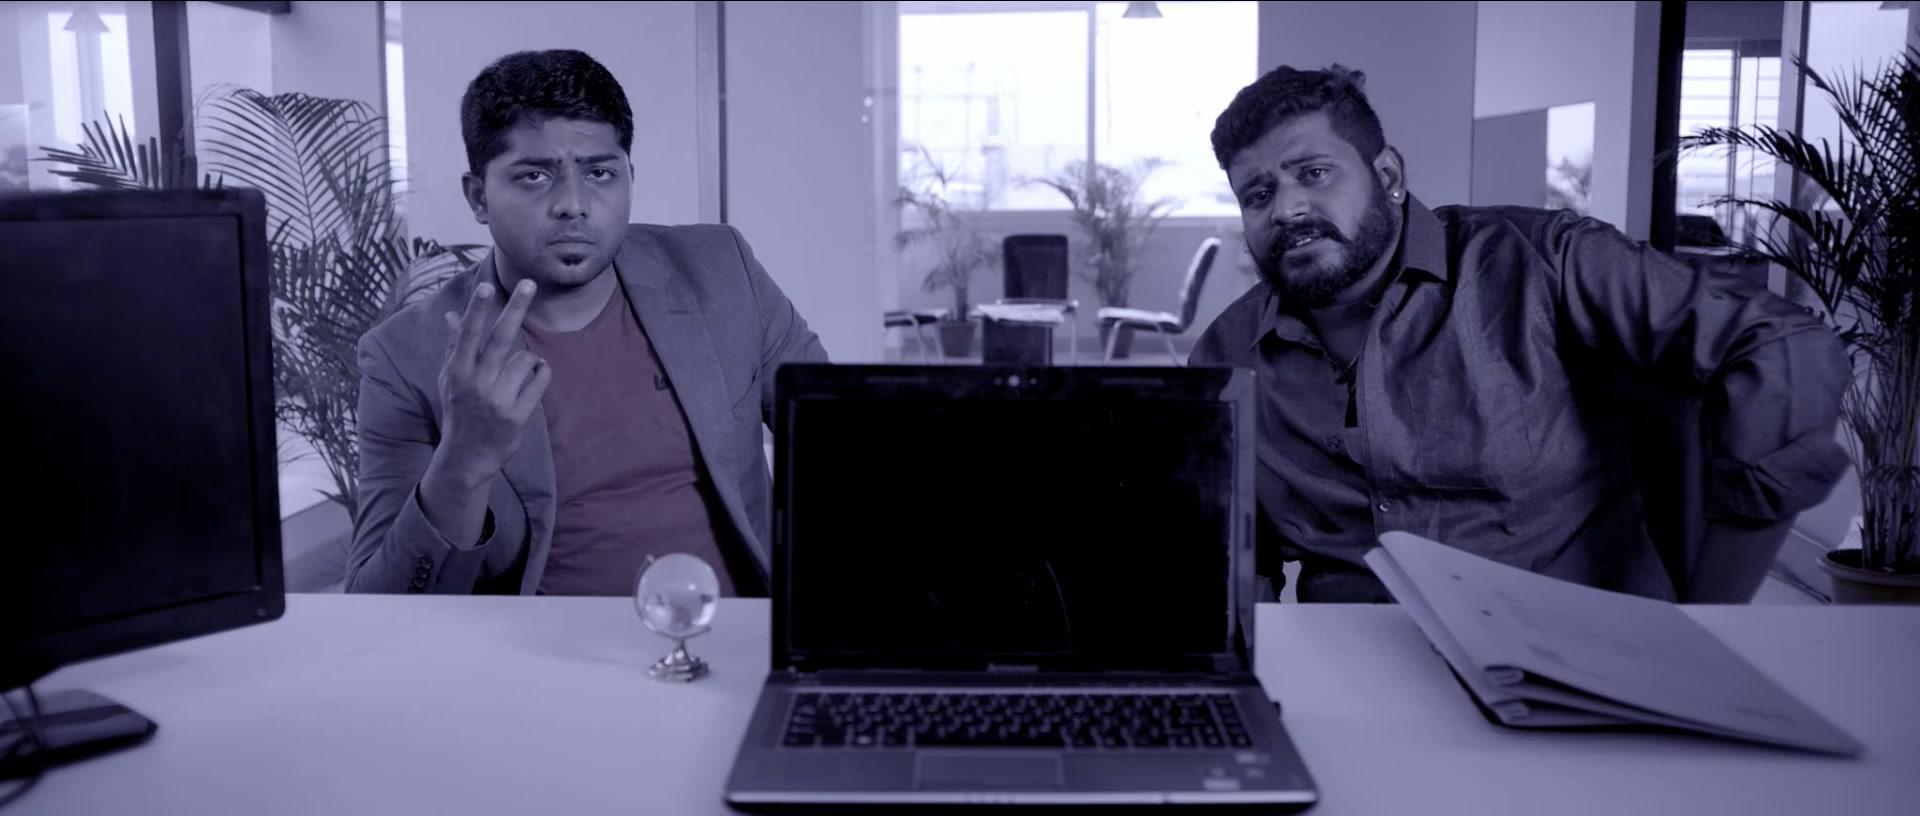 C++ (2019) Kannada 1080p WEB-DL AVC AC3 ESub-BWT